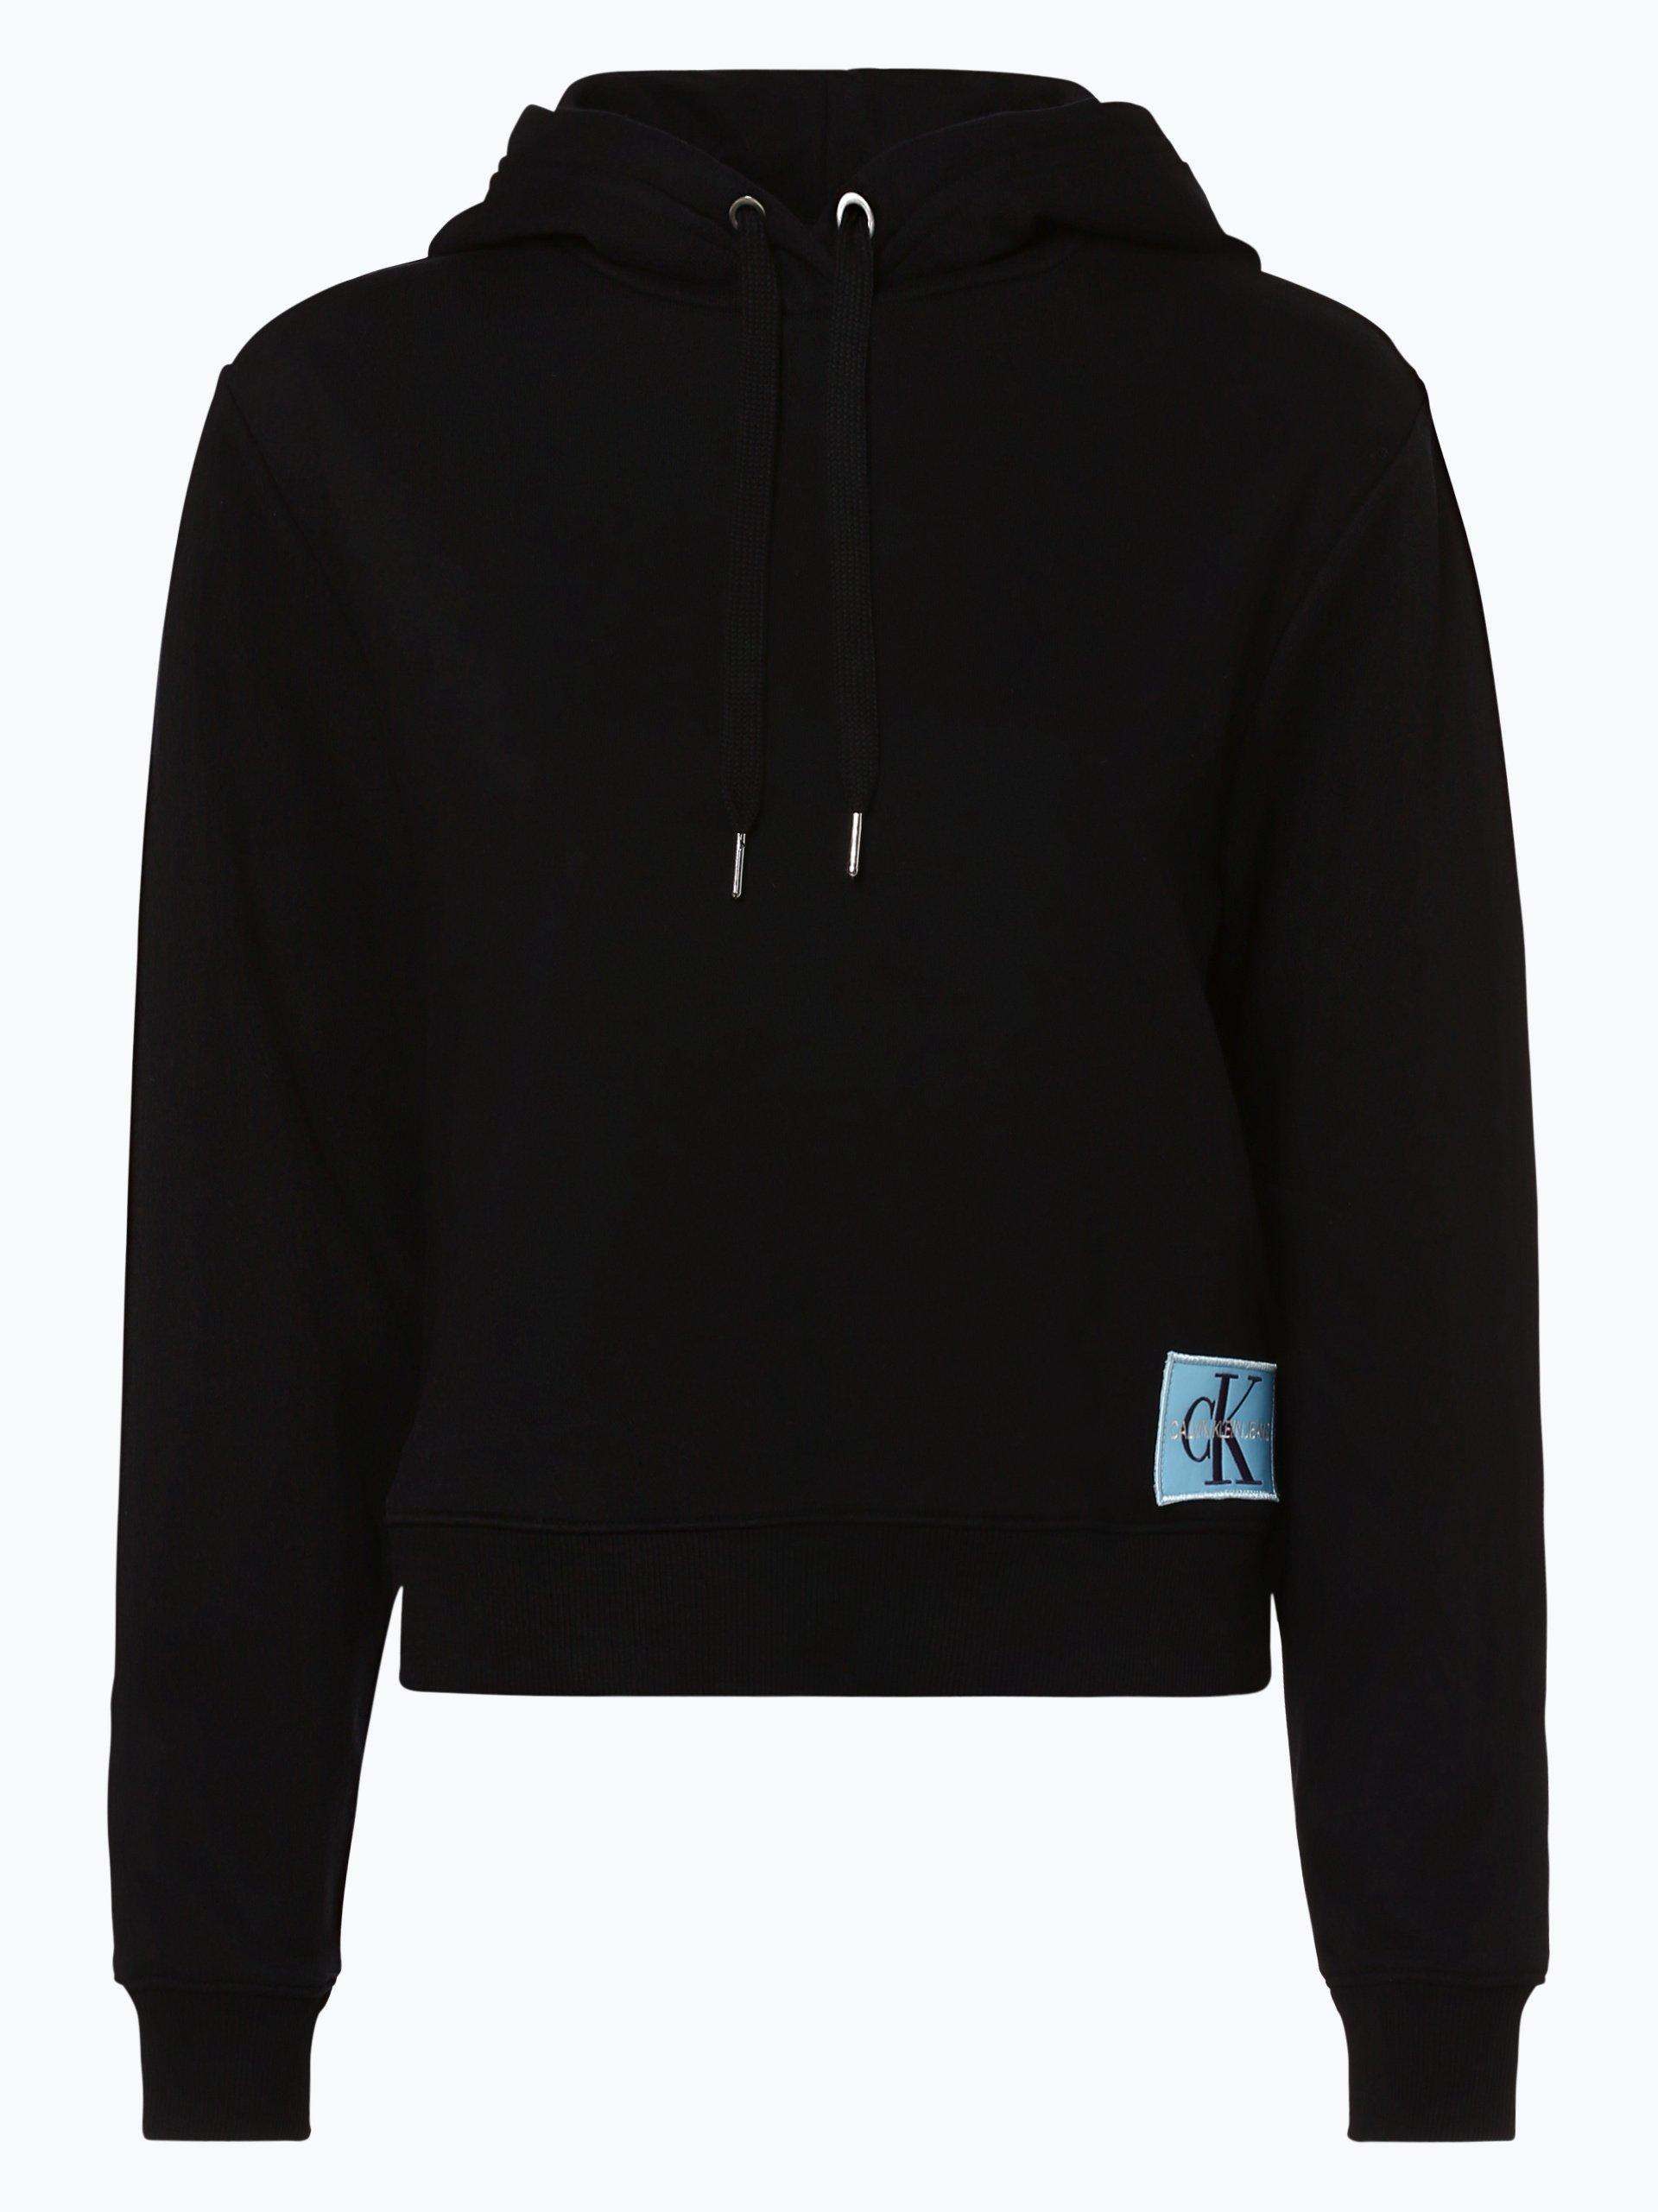 calvin klein jeans damen sweatshirt schwarz gemustert online kaufen peek und cloppenburg de. Black Bedroom Furniture Sets. Home Design Ideas